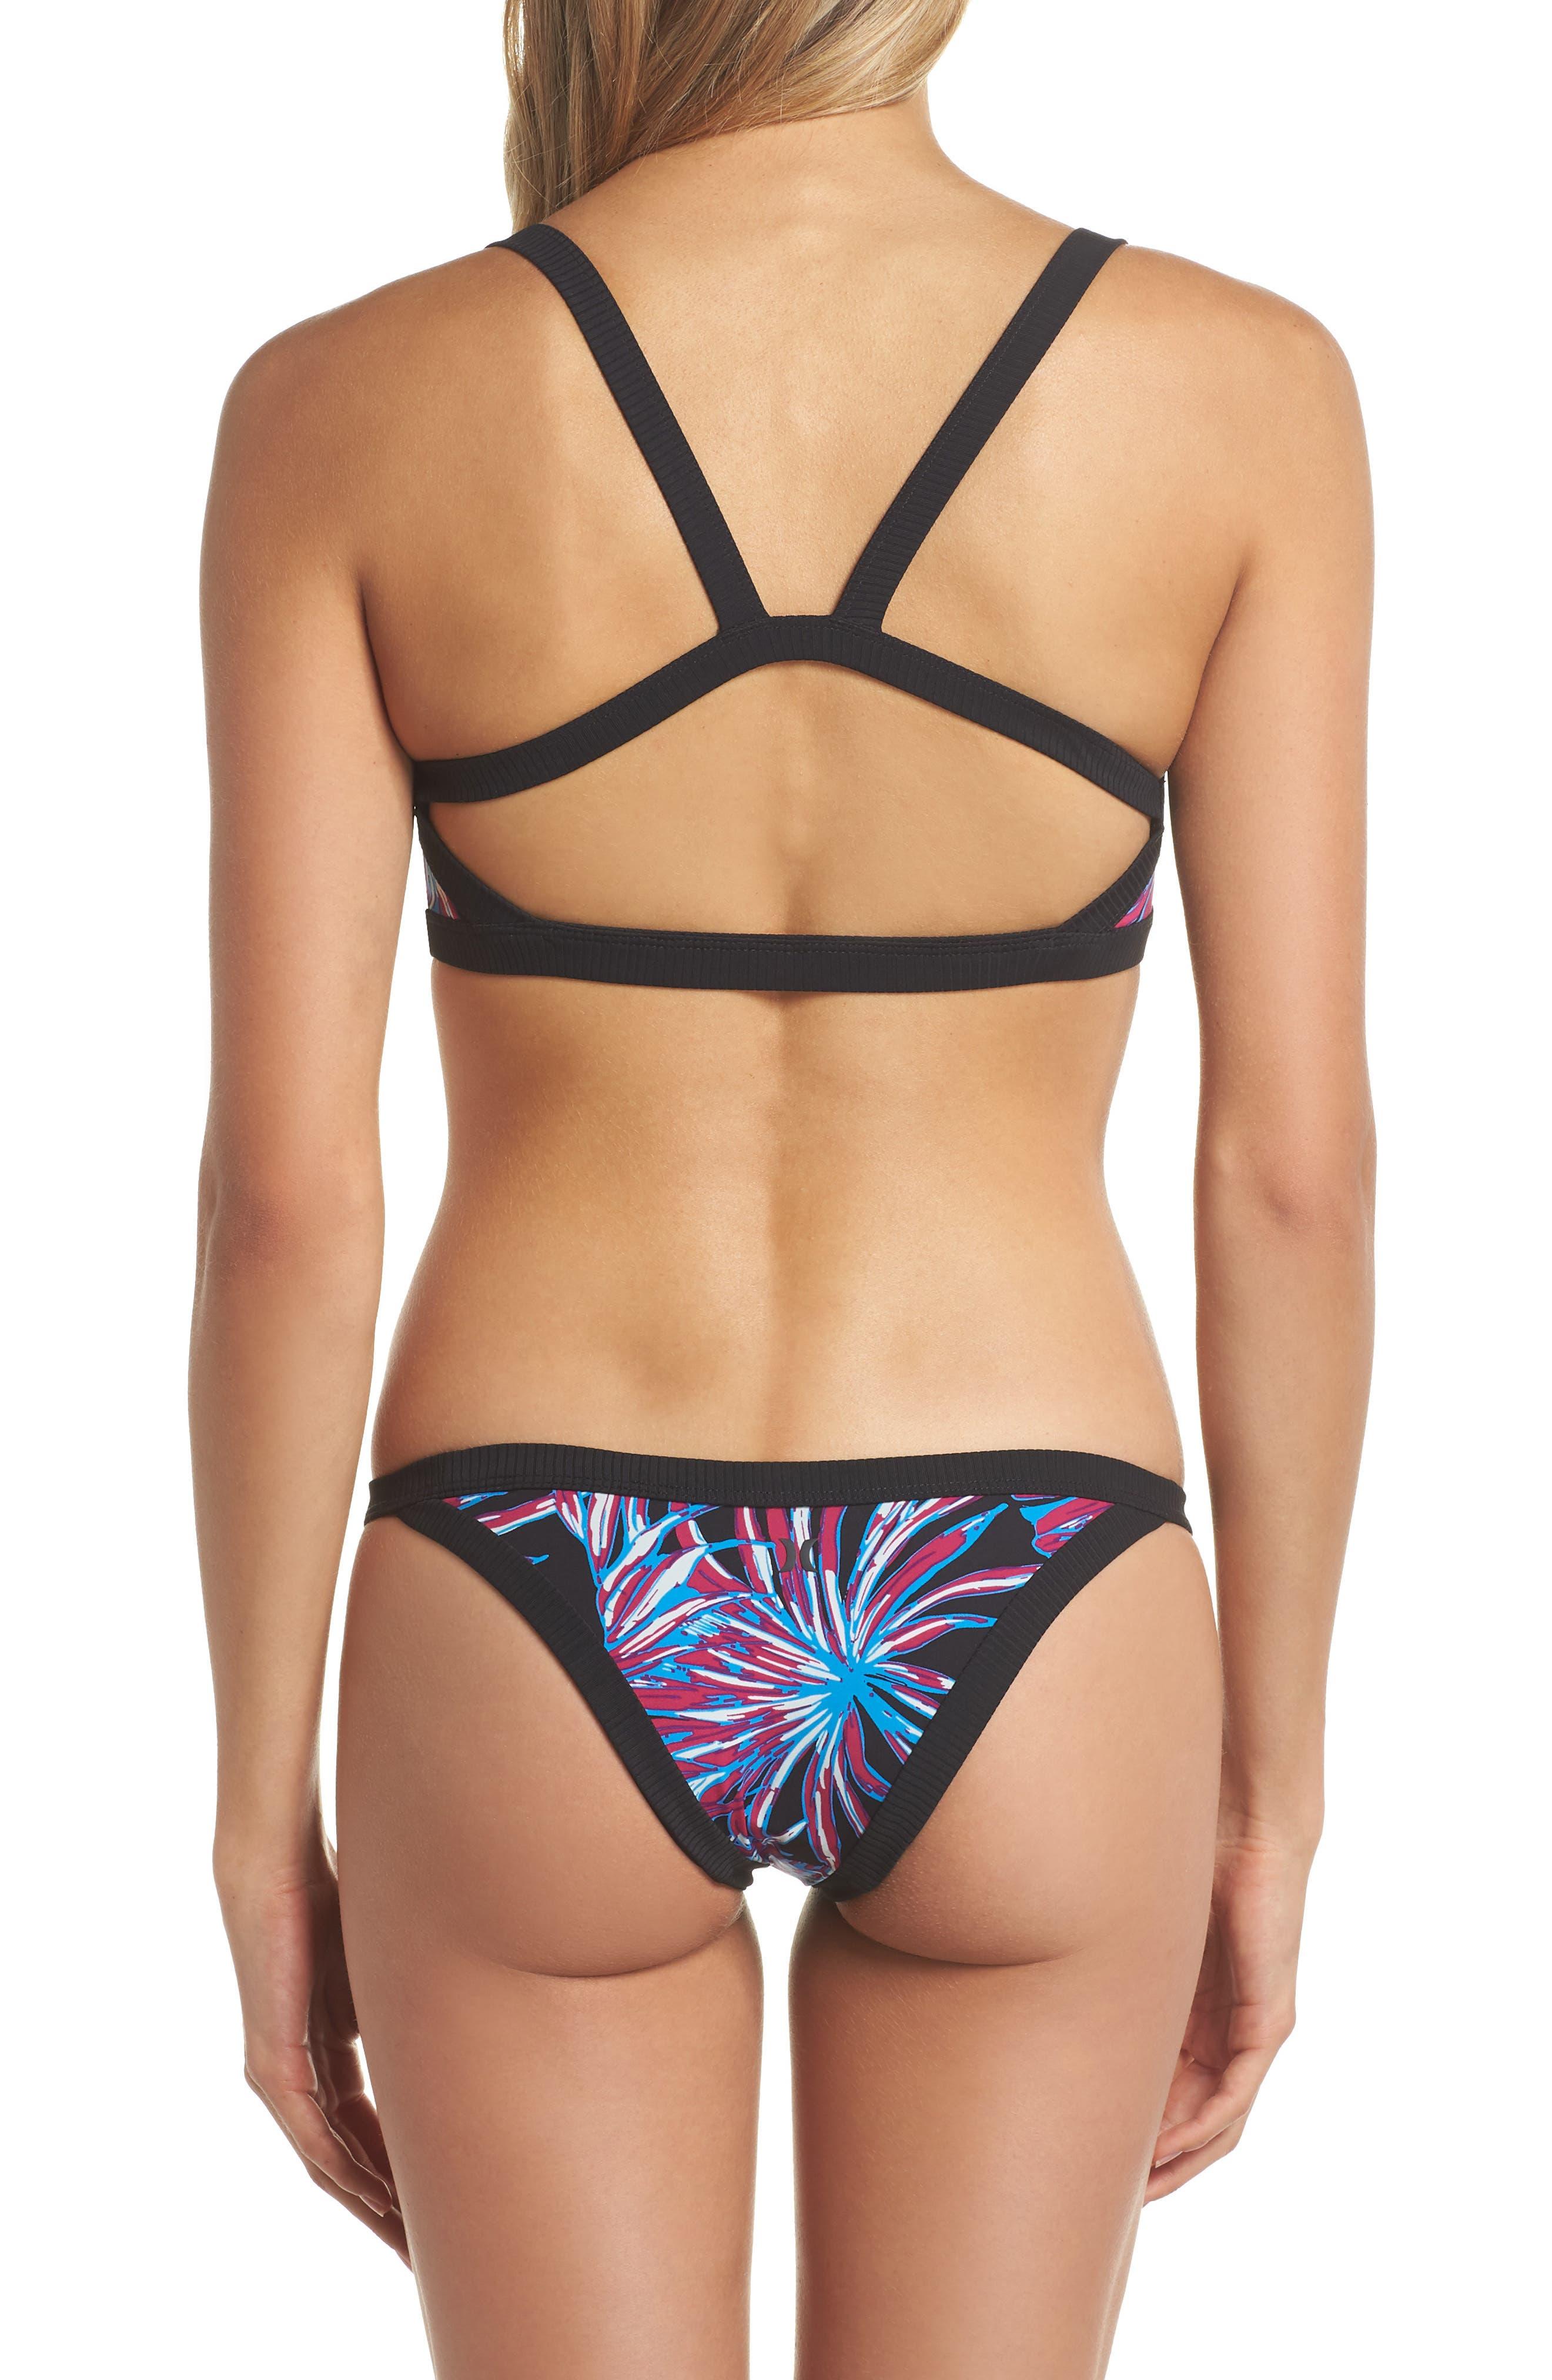 Koko Quick Dry Bikini Bottoms,                             Alternate thumbnail 6, color,                             Black